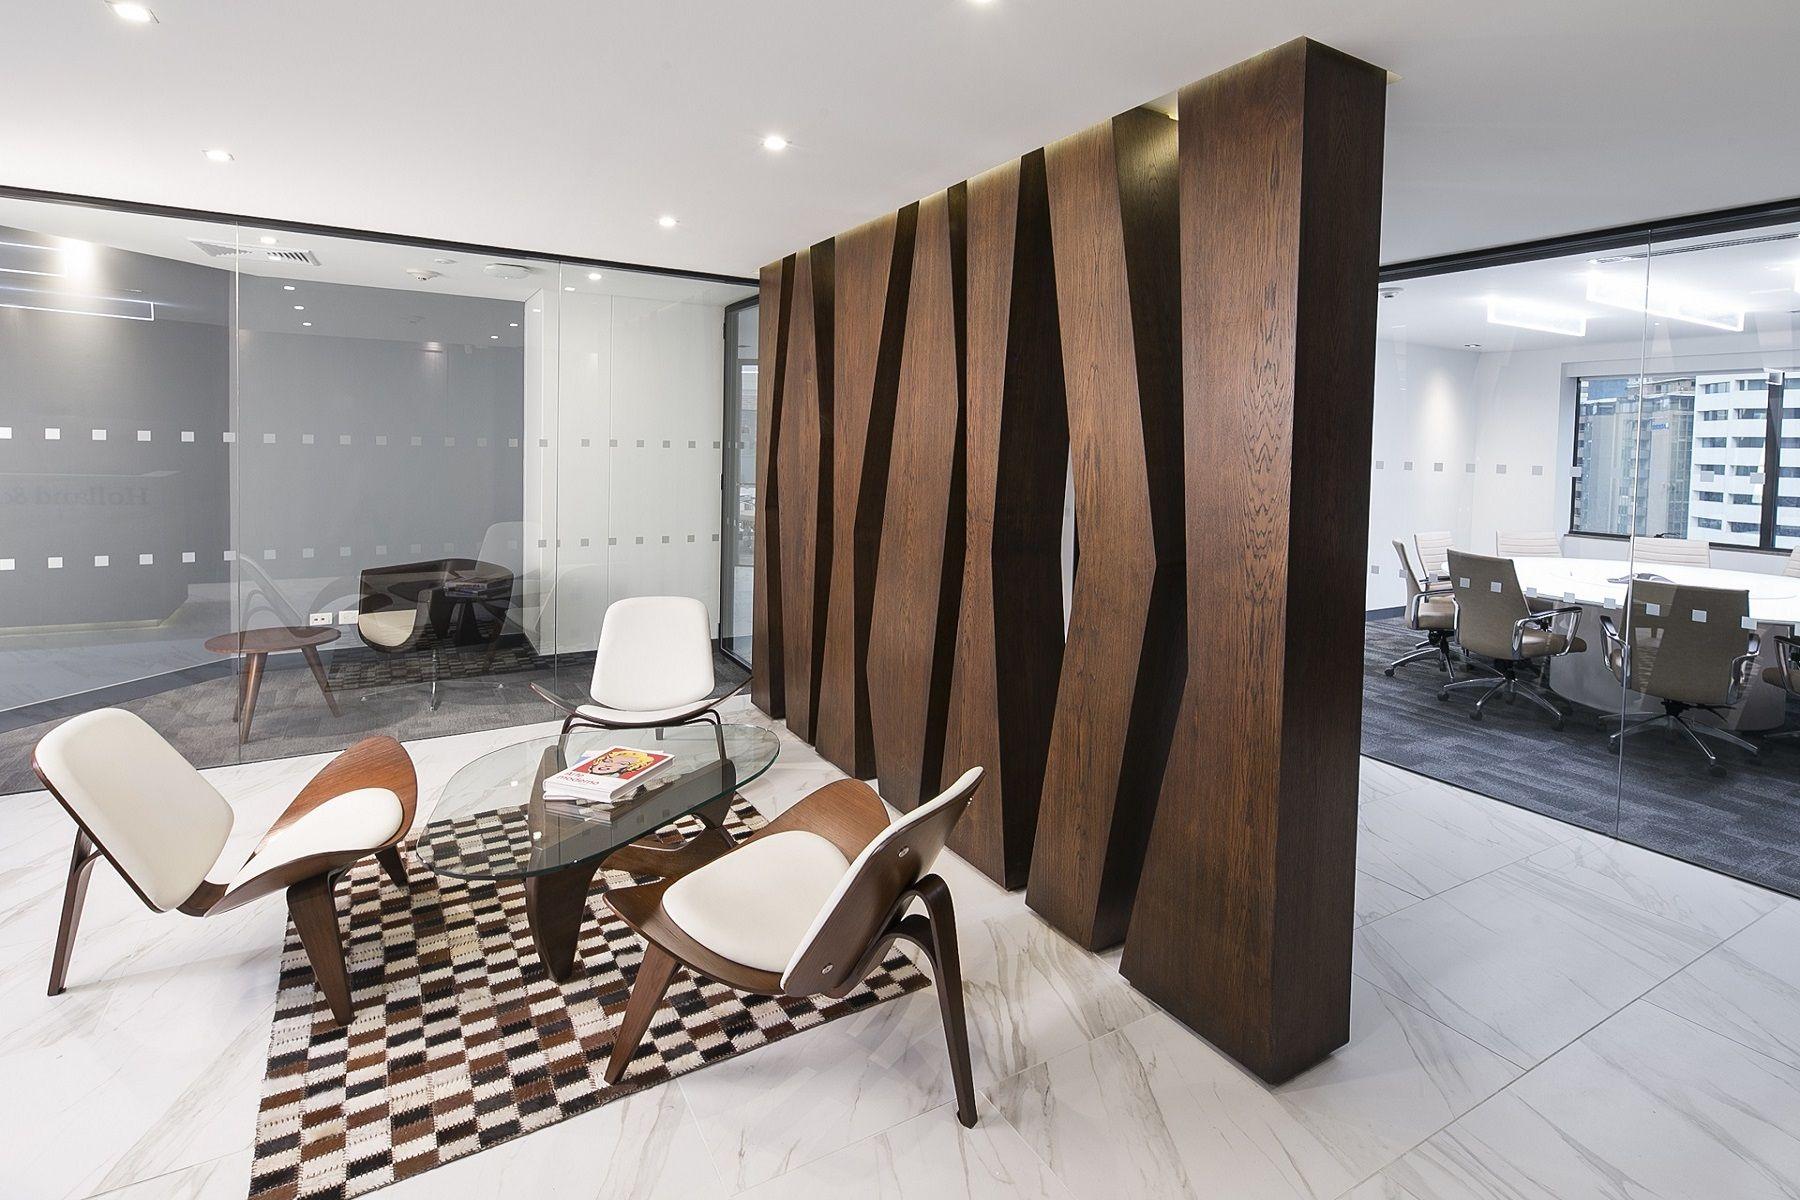 Proyecto de dise o y construcci n realizado por aei for Oficinas de diseno y arquitectura